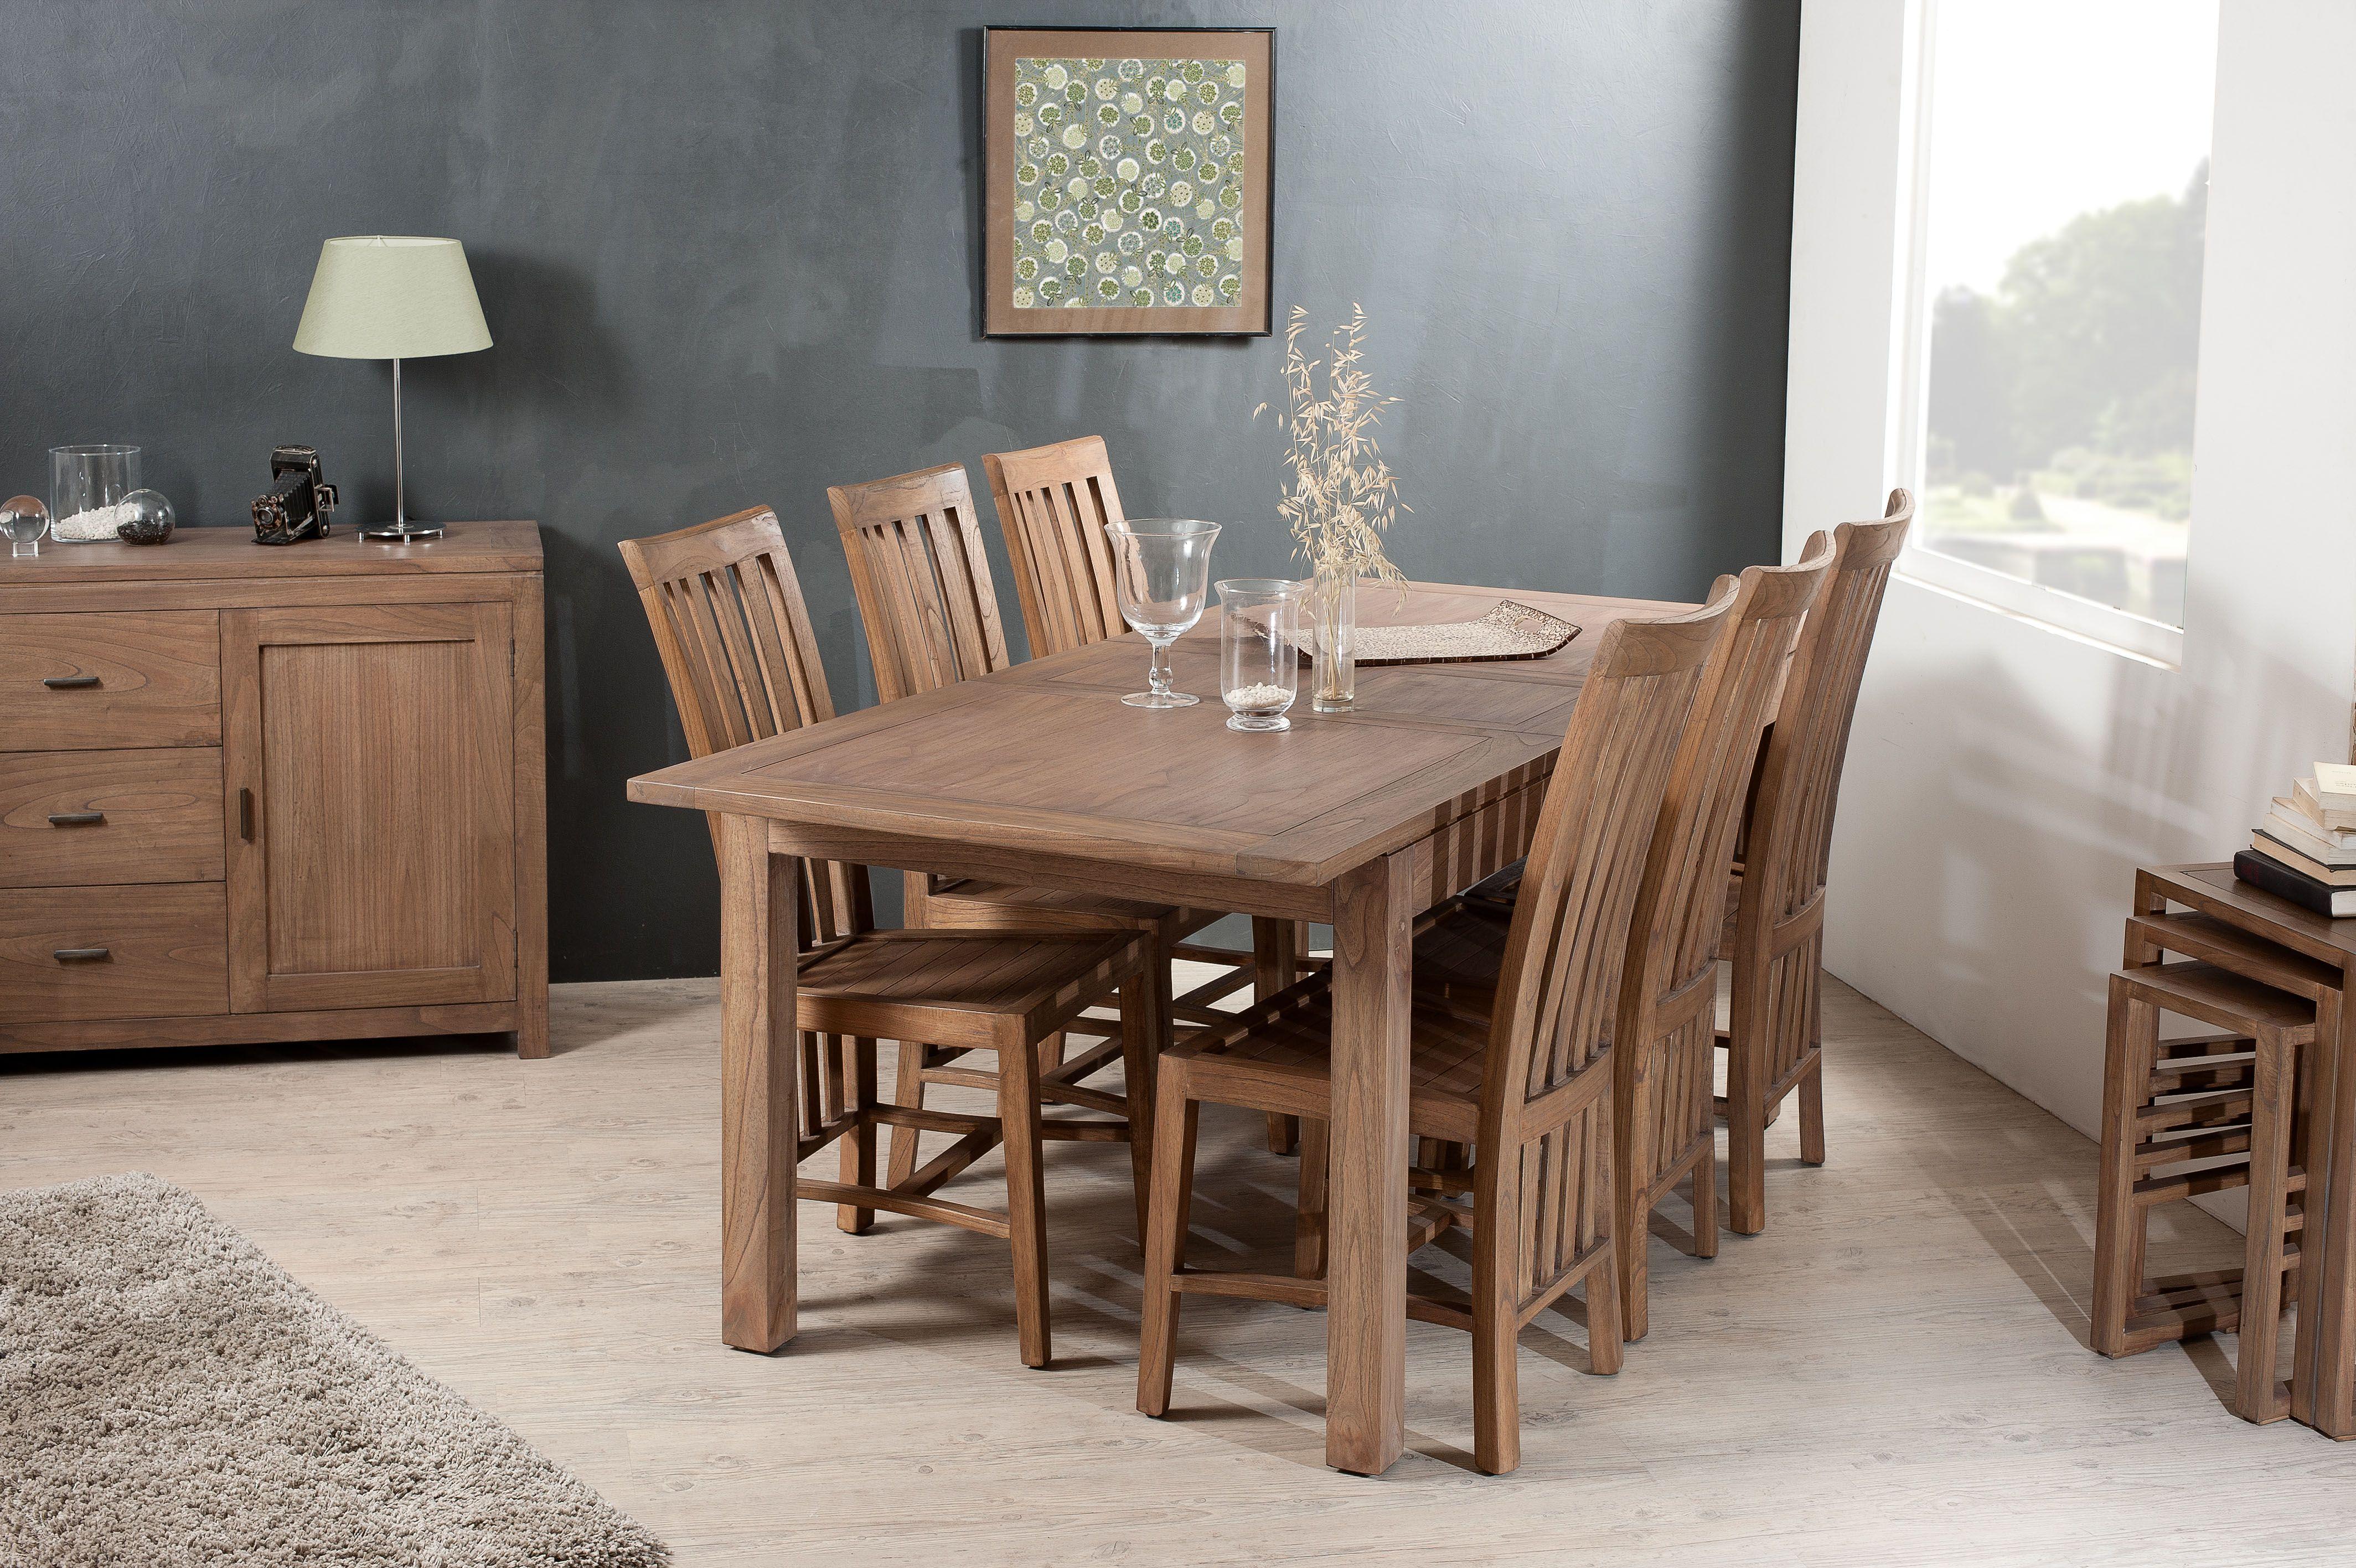 Table A Manger Exotique Avec Allonge 40cm Long 160 200 X Larg 90cm Louna Table A Manger Extensible Table A Manger Table Salle A Manger